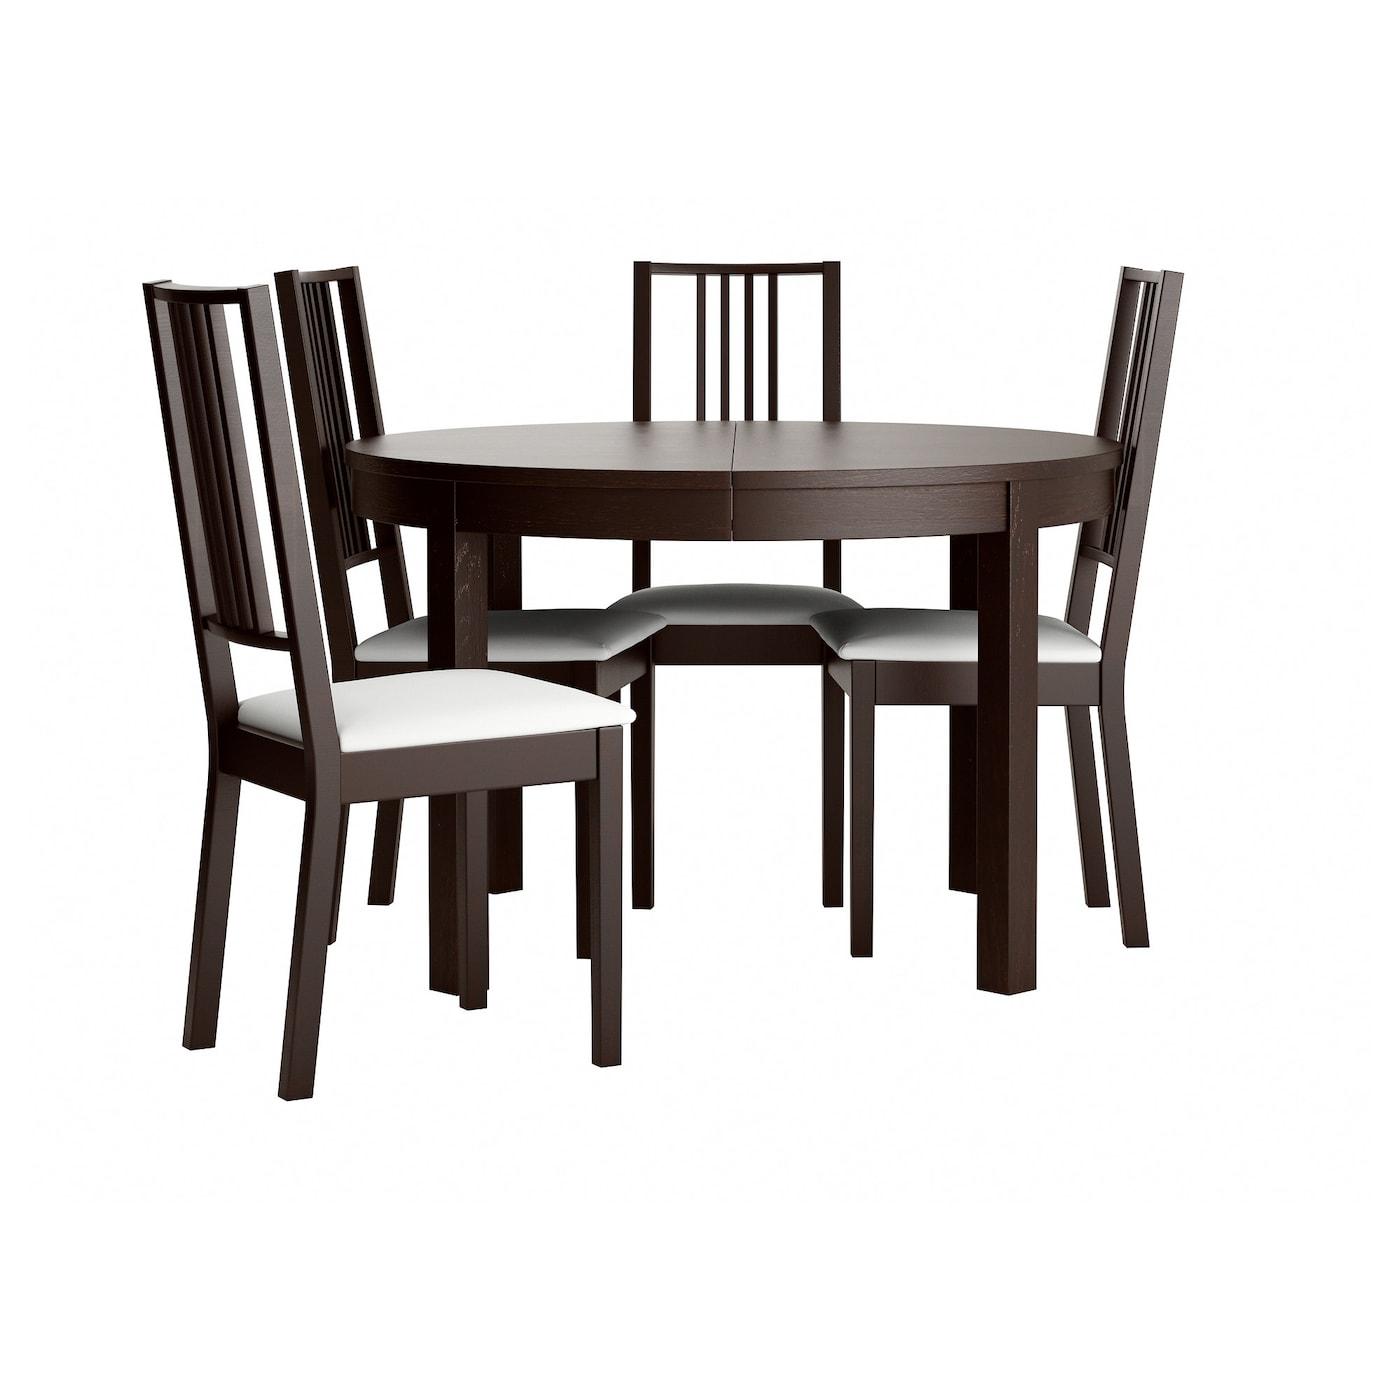 dining table sets dining room sets ikea. Black Bedroom Furniture Sets. Home Design Ideas